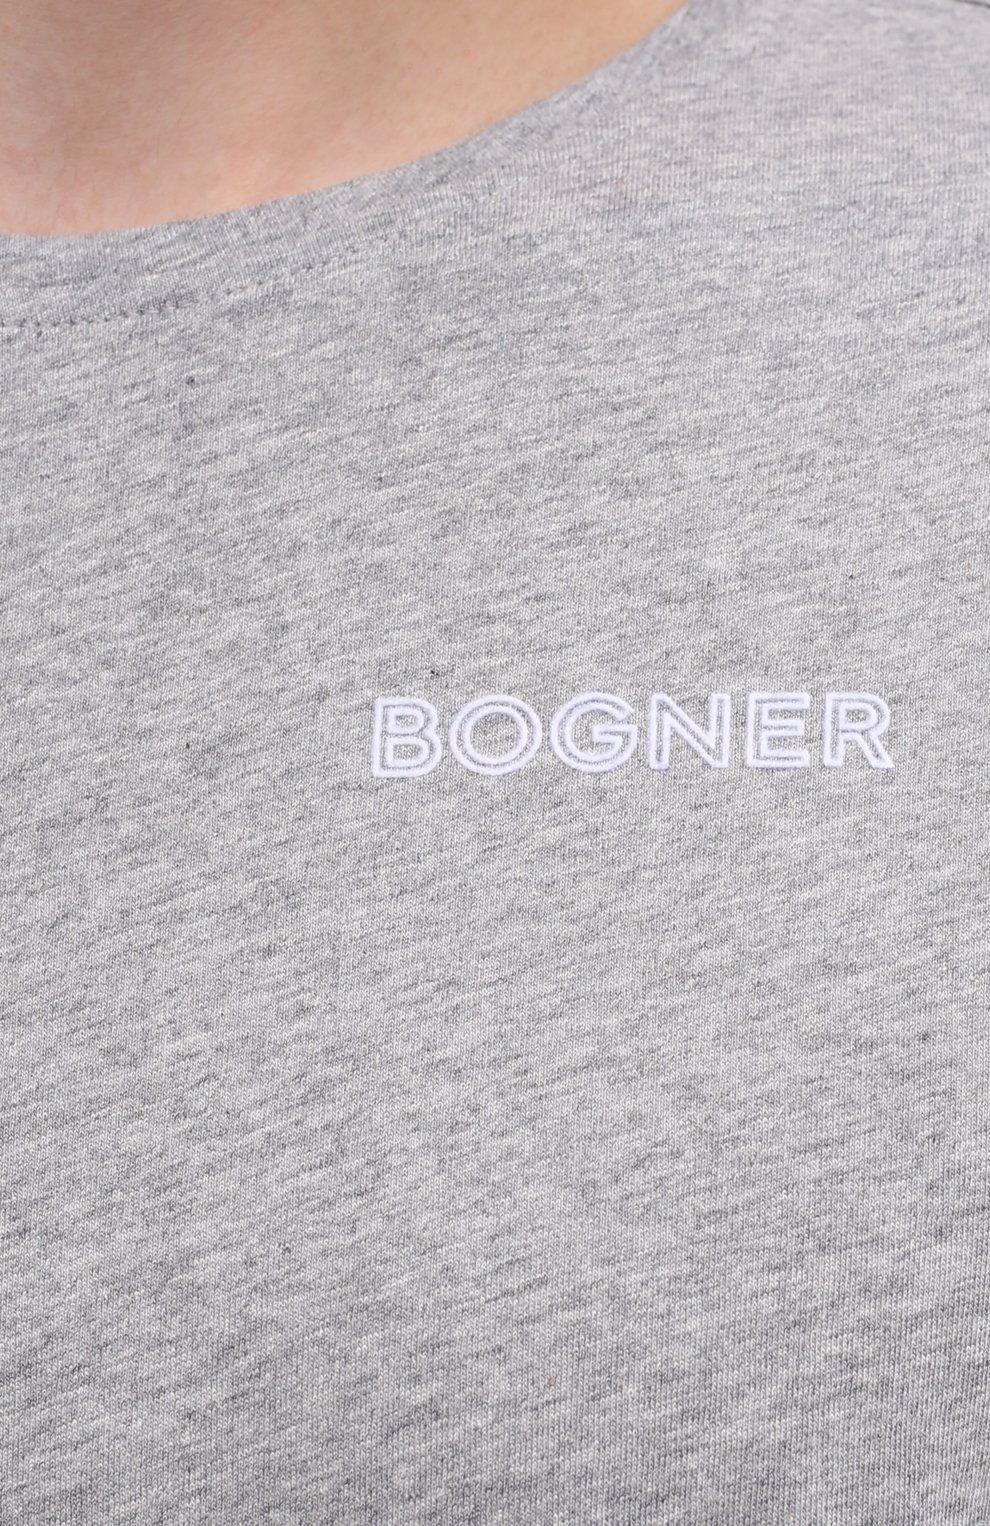 Мужская хлопковая футболка BOGNER серого цвета, арт. 58542724 | Фото 5